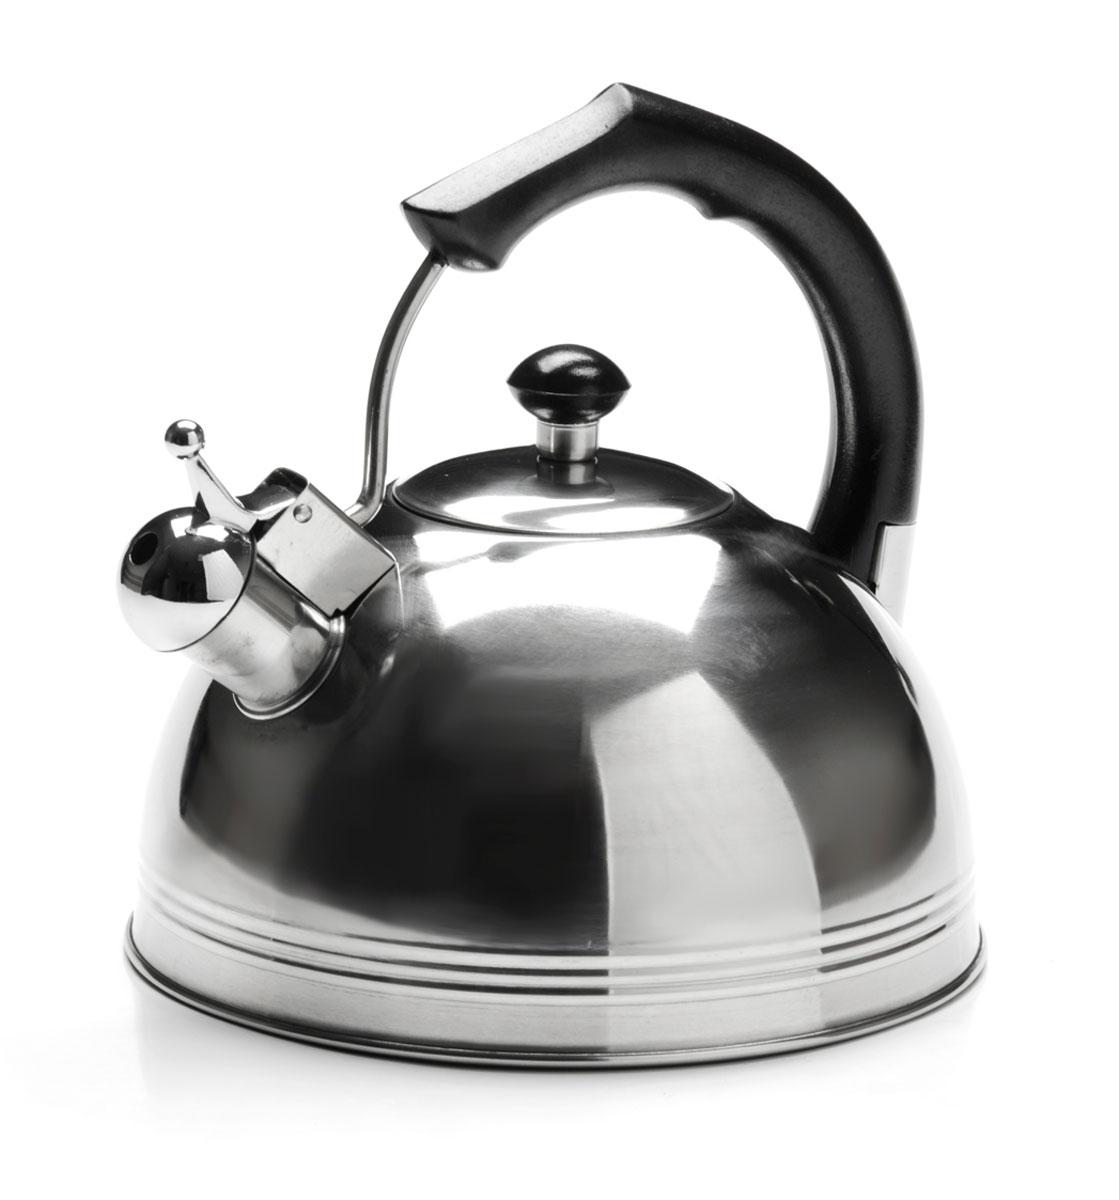 Чайник Mayer & Boch, со свистком, 3,5 л. 2616568/5/3Чайник Mayer & Boch изготовлен из высококачественной нержавеющей стали. Изделия из нержавеющей стали не окисляются и не впитывают запахи, благодаря чему вы всегда получите натуральный, насыщенный вкус и аромат напитков. Капсулированное дно с прослойкой из алюминия обеспечивает наилучшее распределение тепла. Эргономичная фиксированная ручка выполнена из нержавеющей стали и бакелита и стилизована под дерево. Носик чайника оснащен насадкой-свистком, который позволяет контролировать процесс кипячения или подогрева воды. Поверхность чайника гладкая, что облегчает уход за ним. Эстетичный и функциональный, с современным дизайном, чайник будет оригинально смотреться на любой кухне. Подходит для использования на всех типах плит, кроме индукционных. Подходит для мытья в посудомоечной машине.